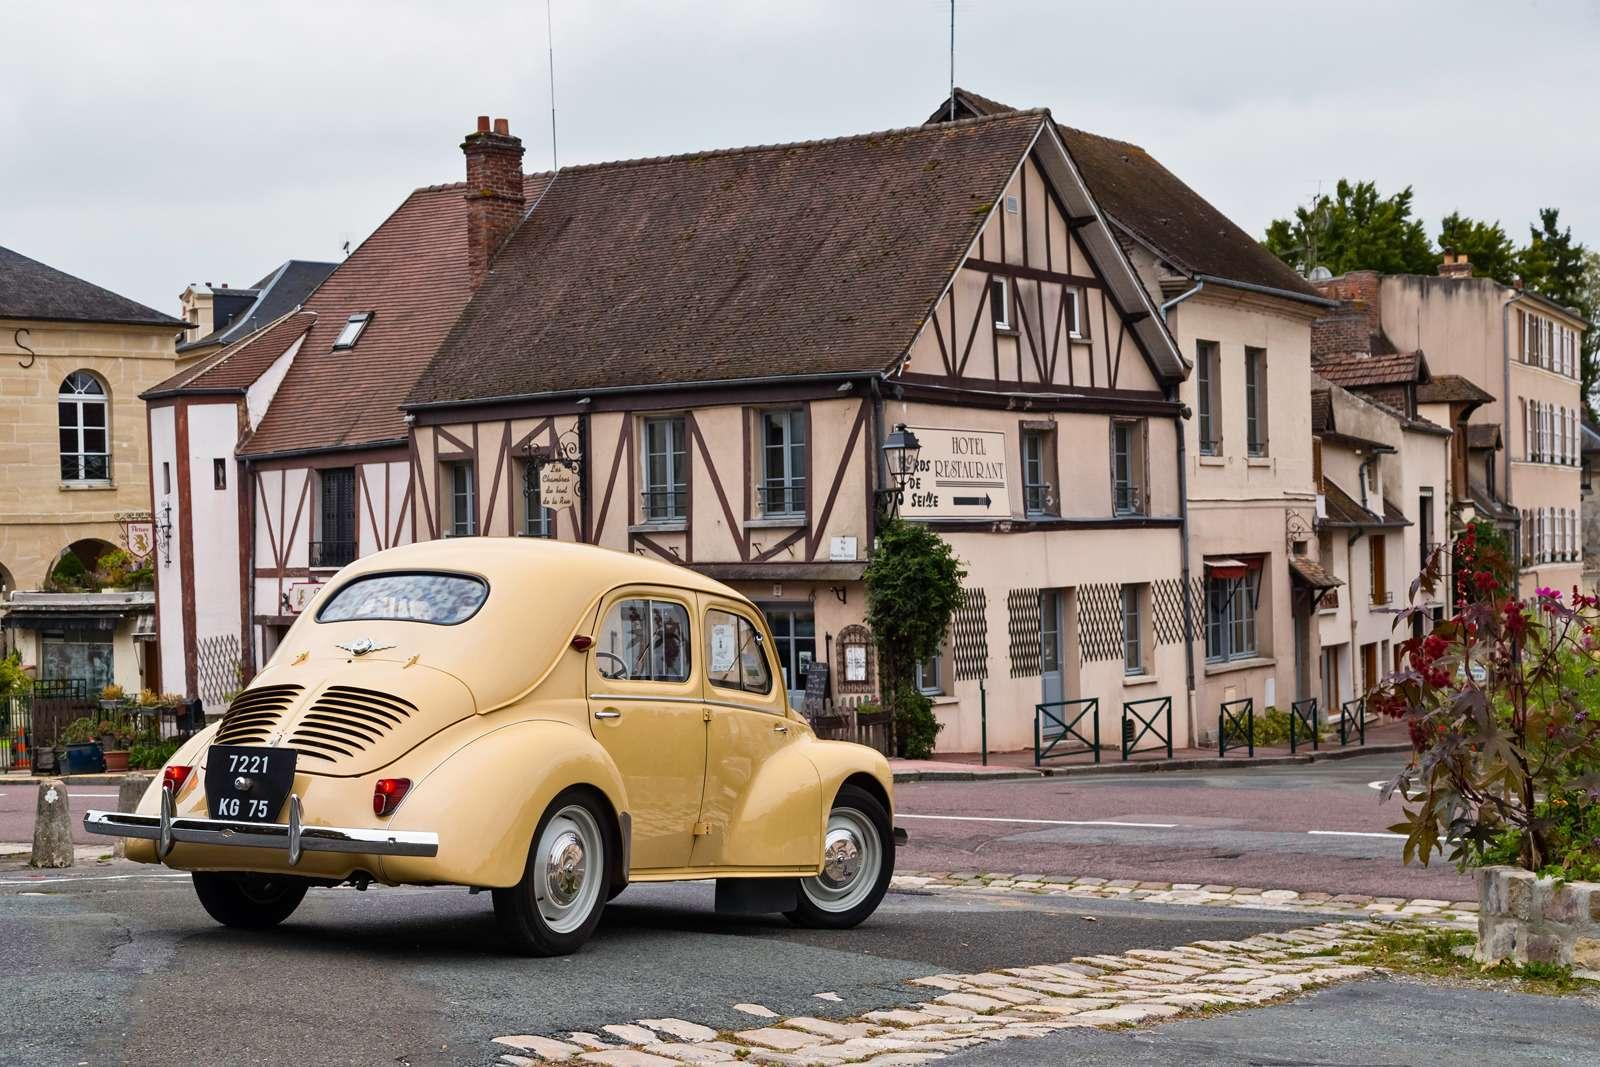 11-Renault-old_zr-01_16